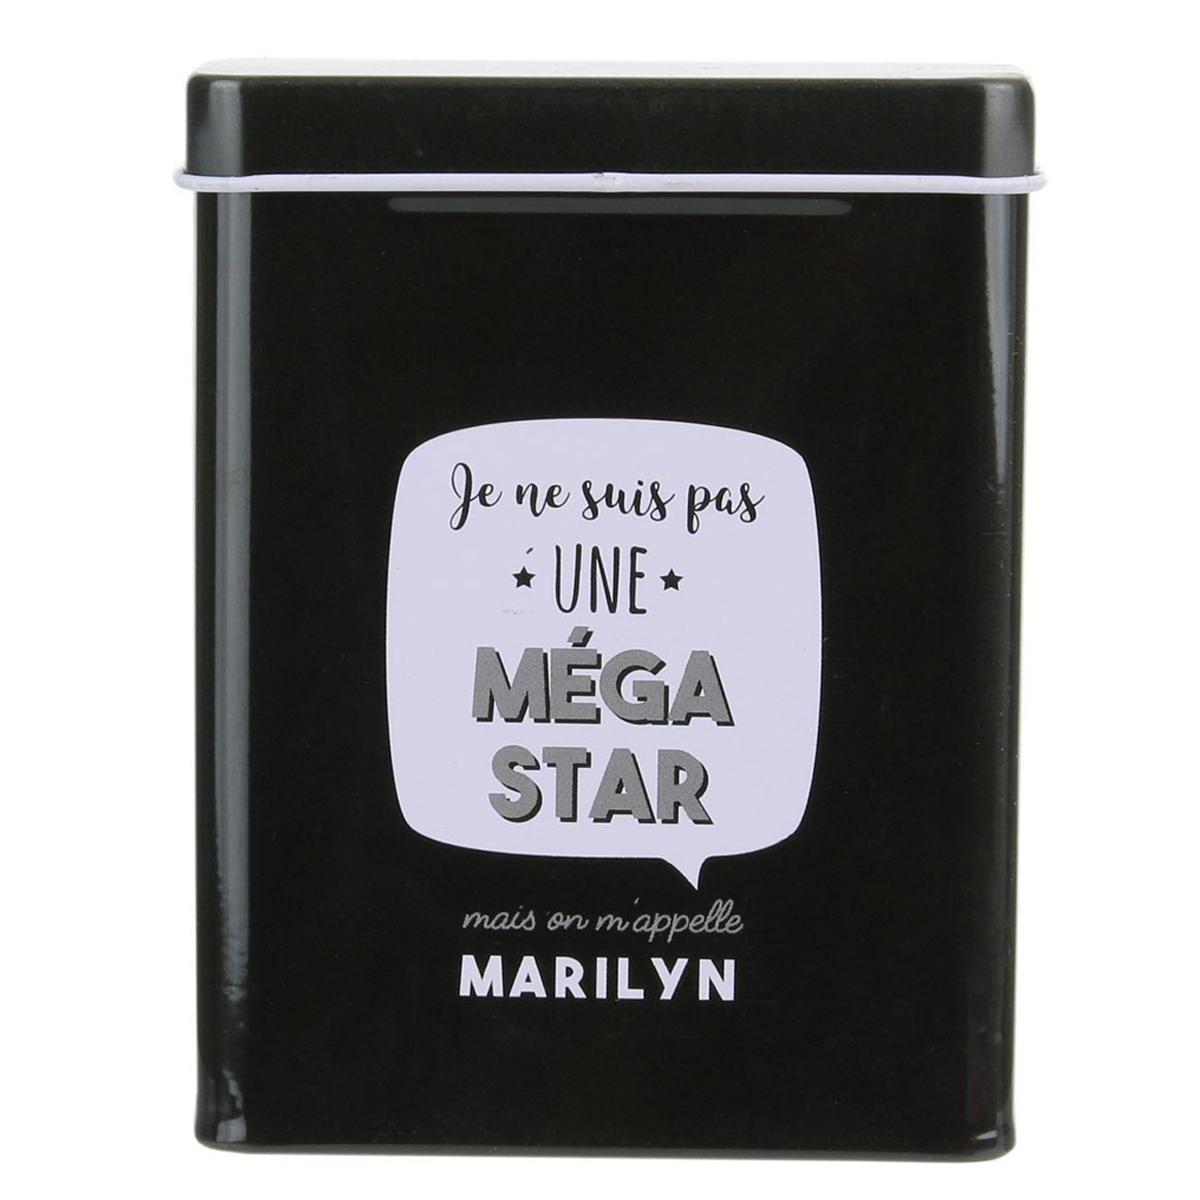 Etui métal à paquet de cigarettes \'Messages\' noir (Je ne suis pas une méga star ) - 24 cigarettes - [Q1673]